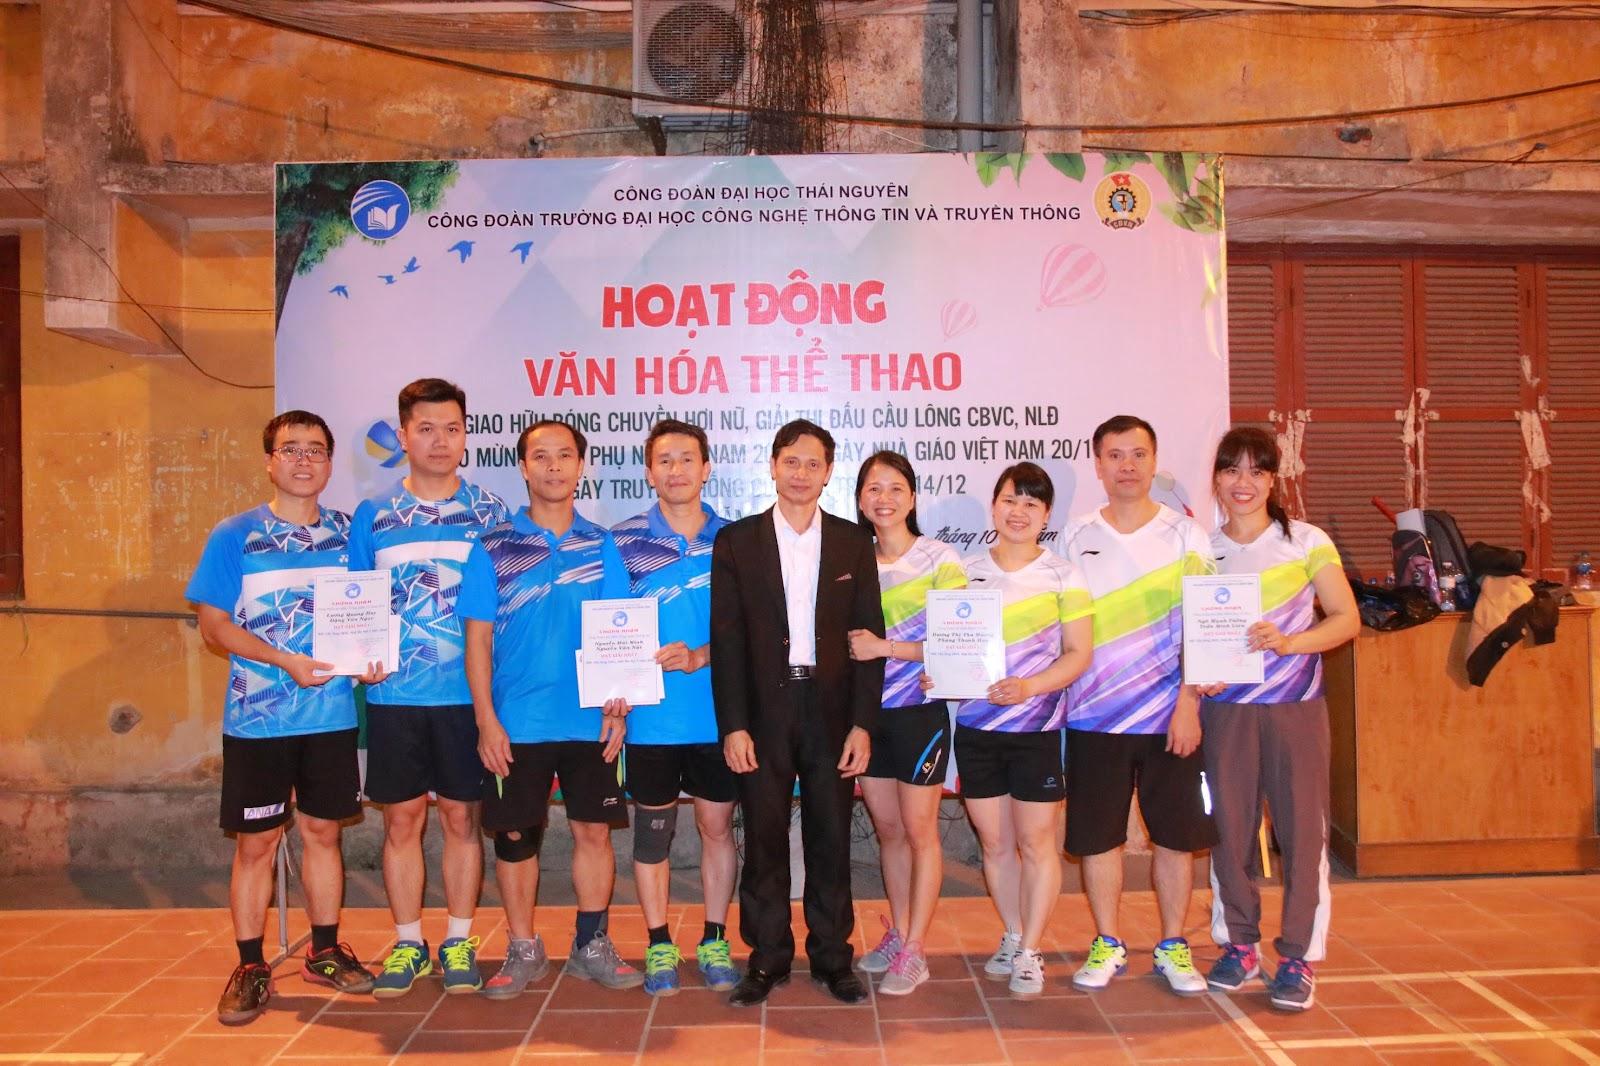 TS. Vũ Đức Thái – Phó Hiệu trưởng, Chủ tịch Công đoàn trường trao giải nhất cho các đội tham dự.